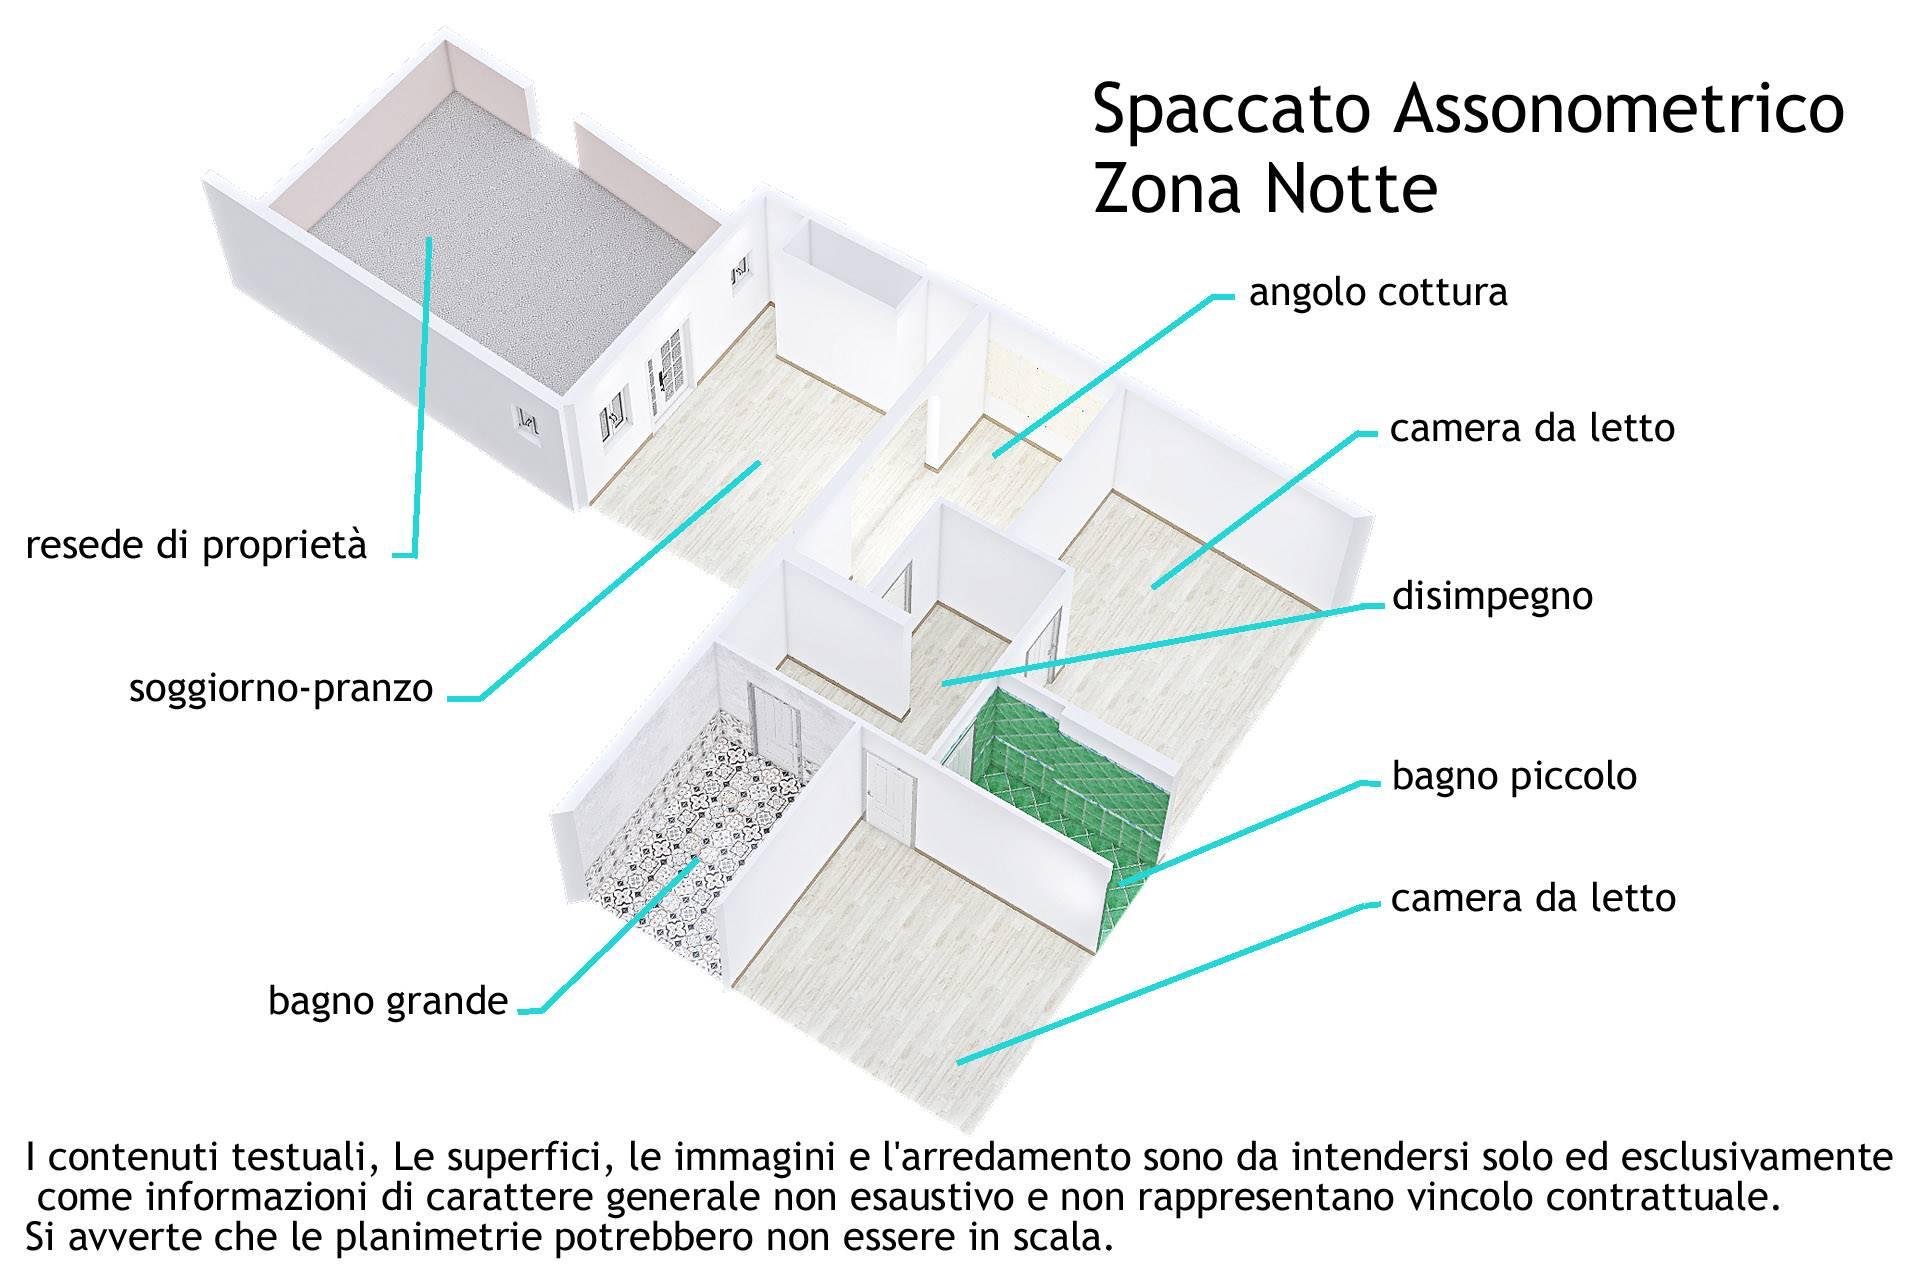 6re01_Spaccato assonometrico zona notte1